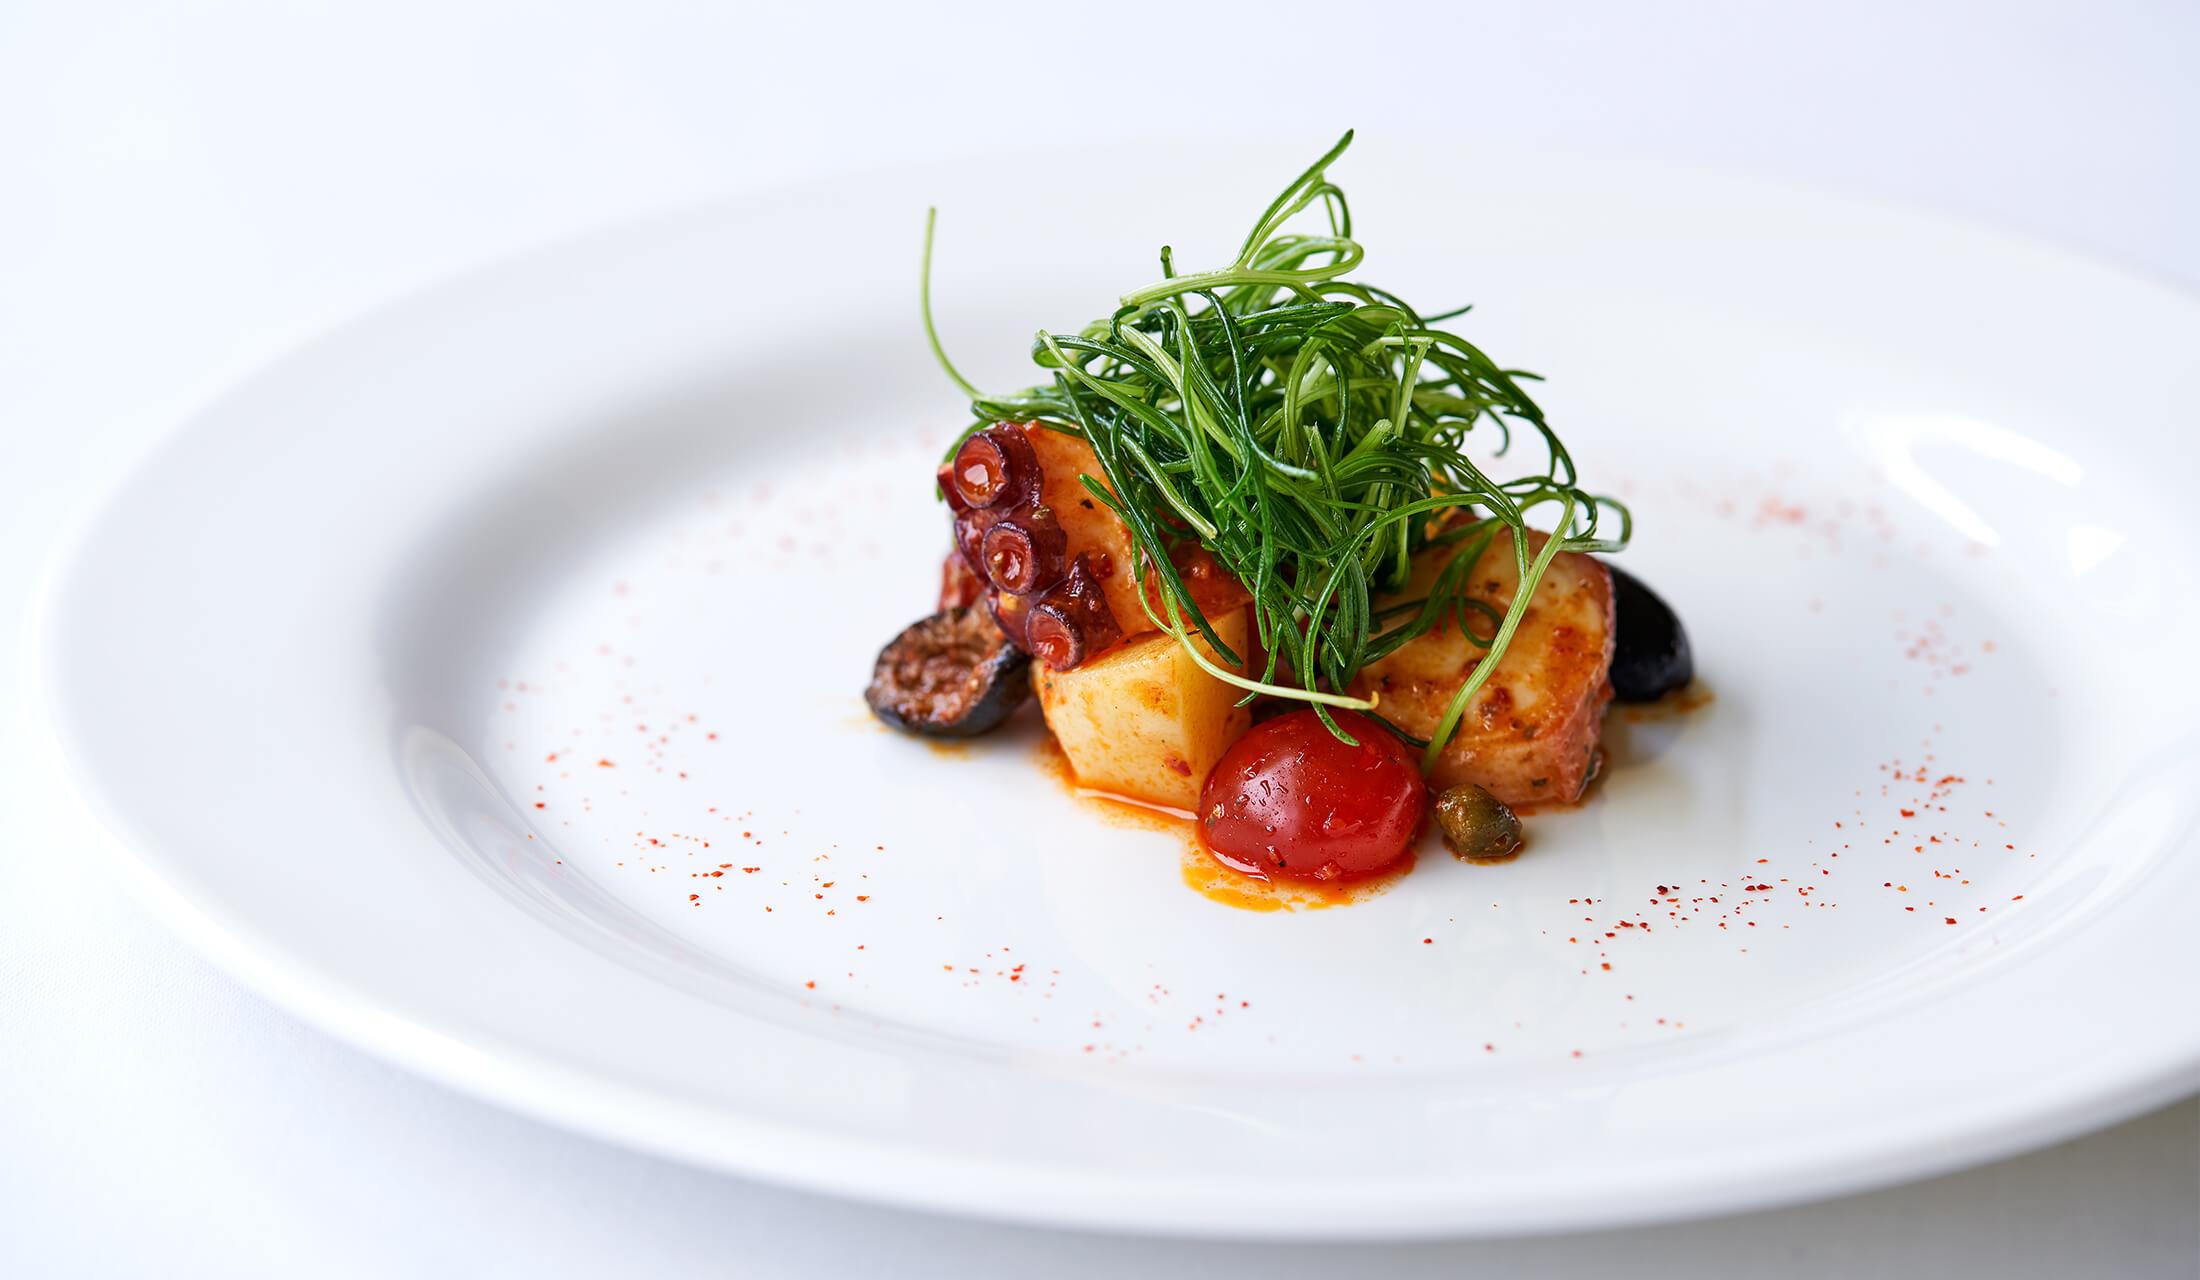 前菜「ロザマリーナ風味の蛸とジャガイモ、ケッパーのインサラータ チロ マリーナ仕立て」。